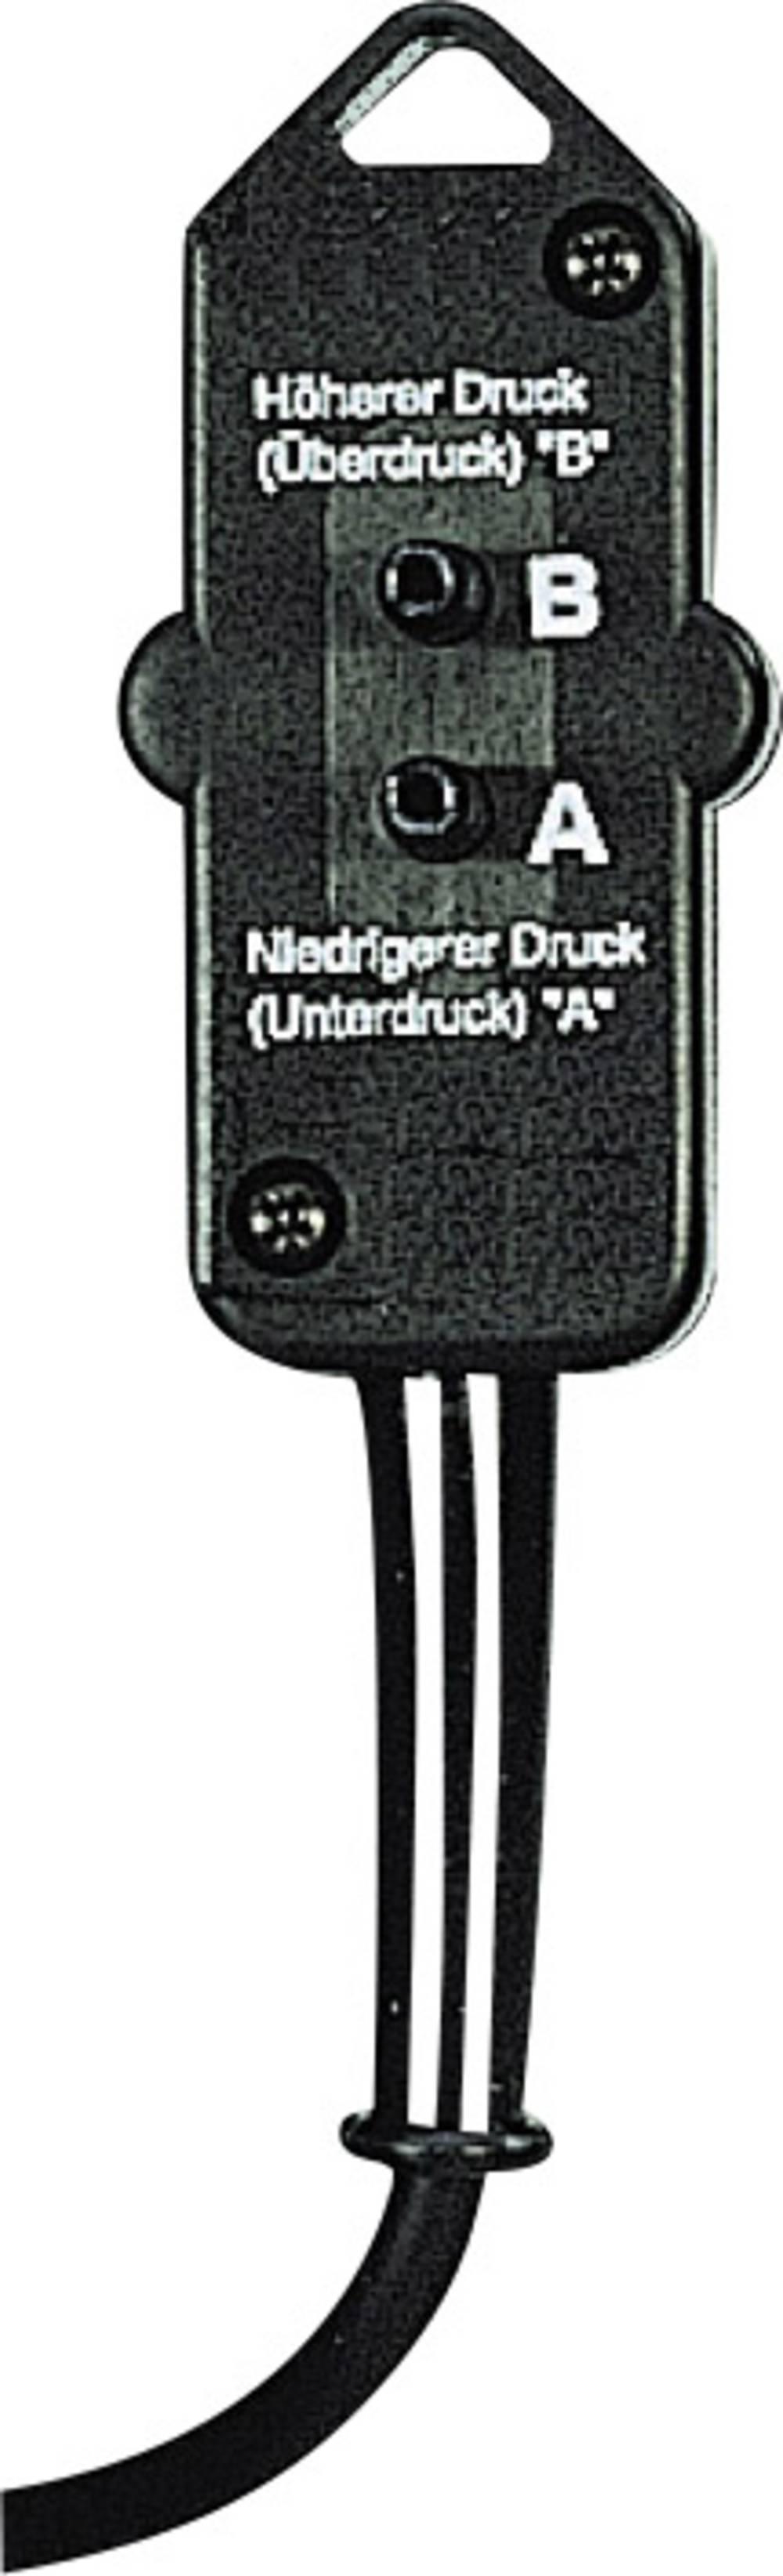 Greisinger GMSD 350 MR tlačni senzor za relativni tlak GMSD 350 MR, primerno za: GMH 3151, GMH 3156, GMH 3111, GDUSB 1000 601864